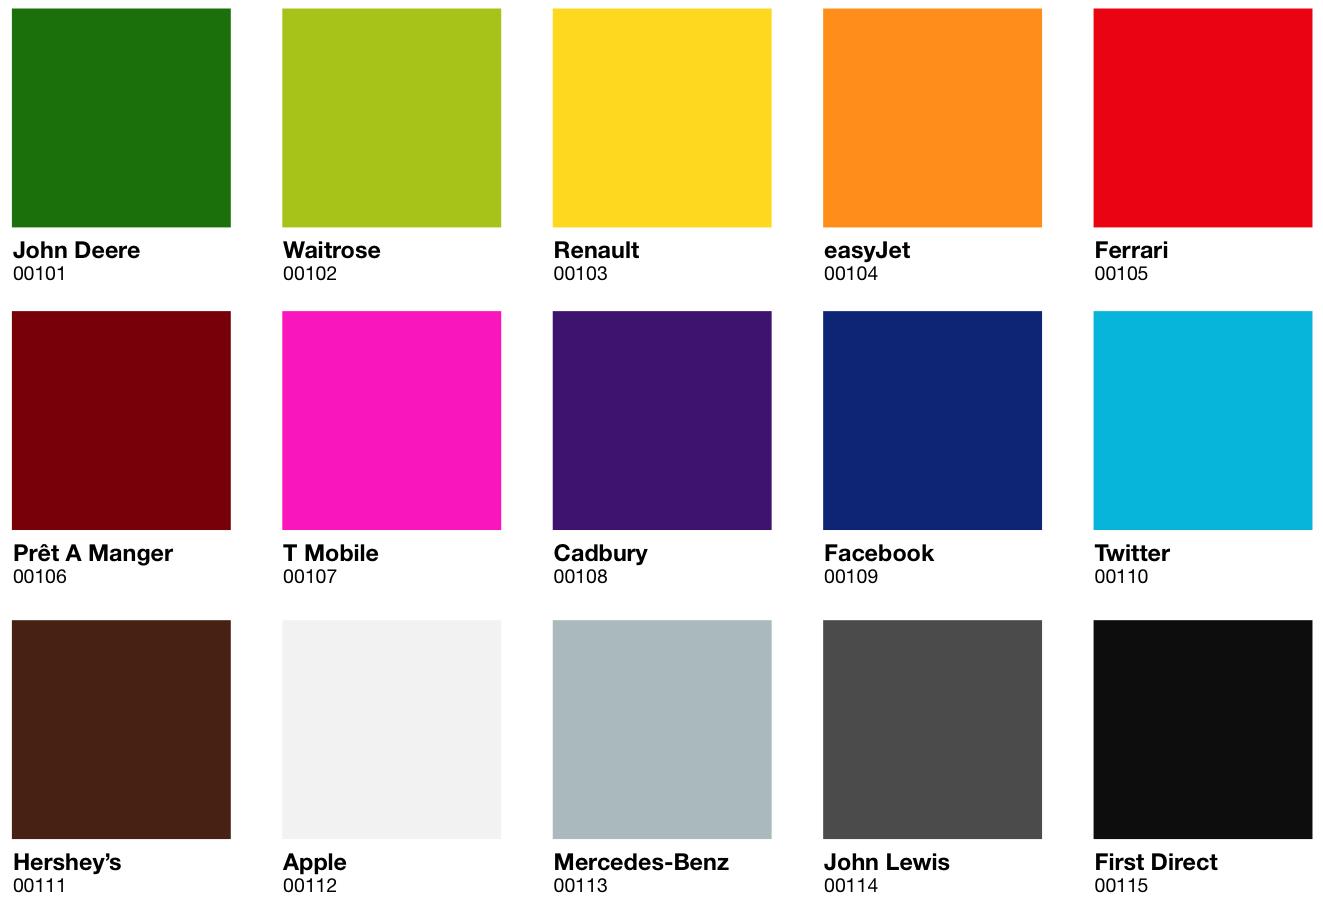 dulux colour chart yahoo search results fddg pinterest color rh pinterest com Dulux Szinek Colour Chic Shadow Dulux